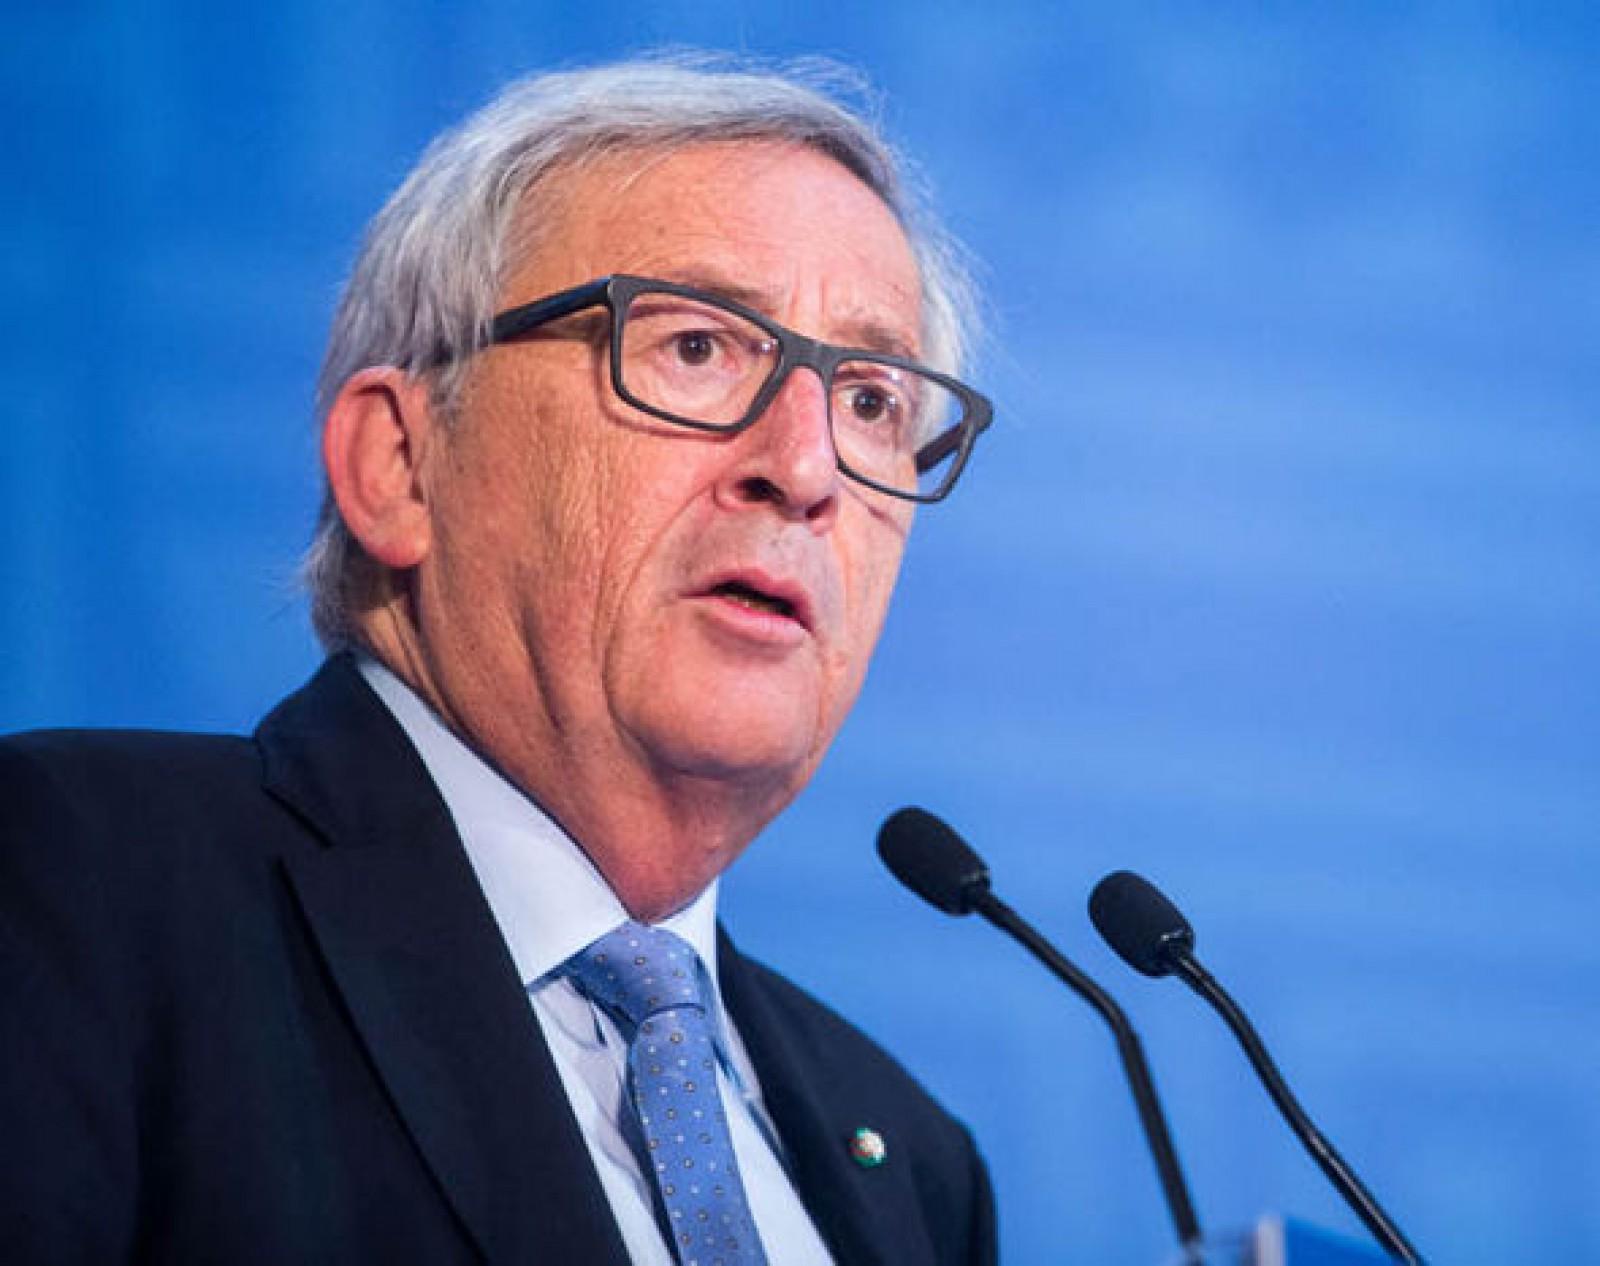 Președintele Comisiei Europene, în legătură cu dispariția Majestății Sale, Regele Mihai I al României: Îmi aduc aminte cu emoții de întâlnirile noastre